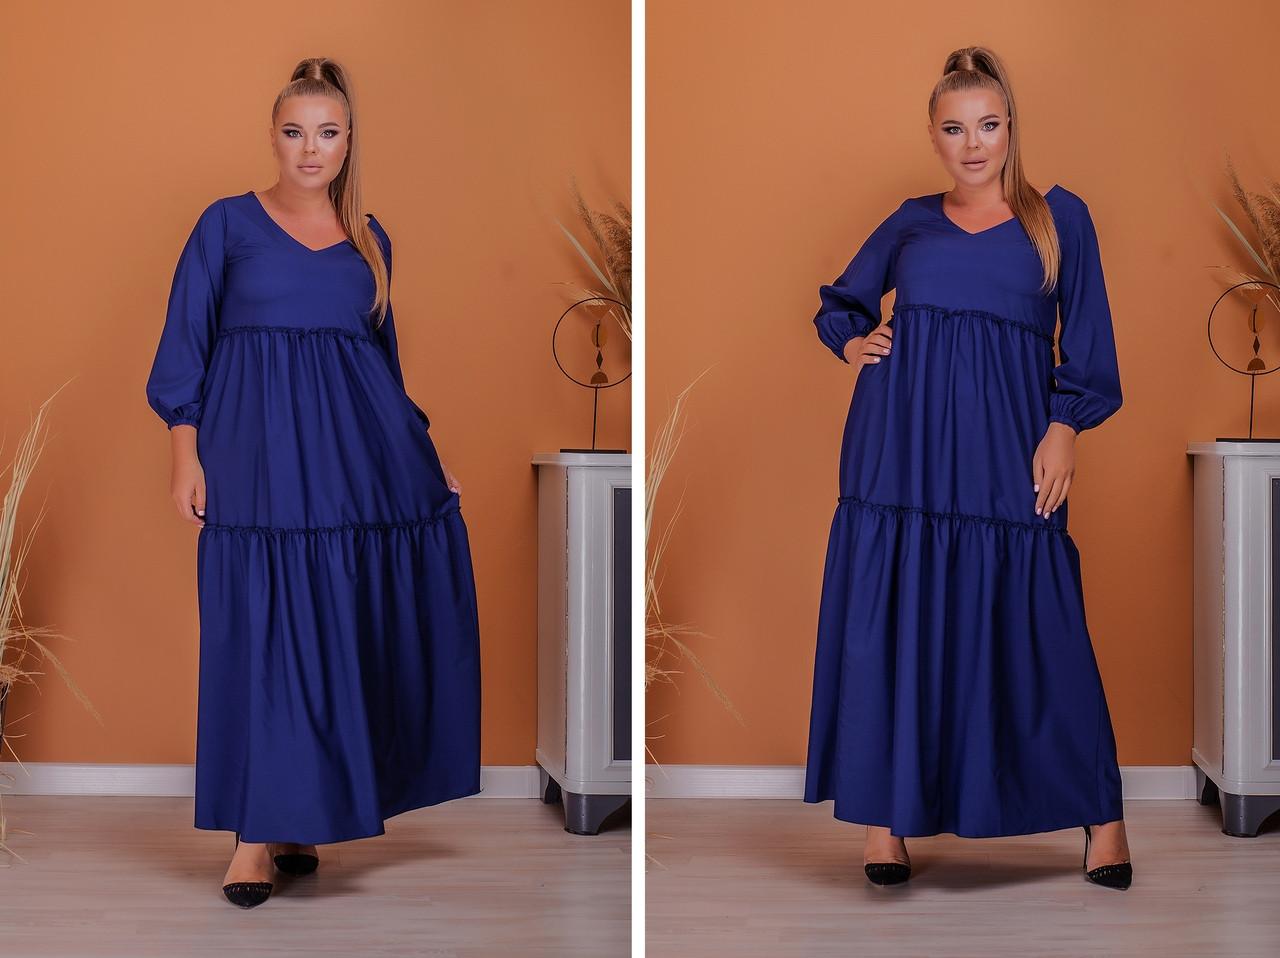 Женское платье длинное свободного фасона длинный рукав батал размер:50-52,54-56,58-60,62-64